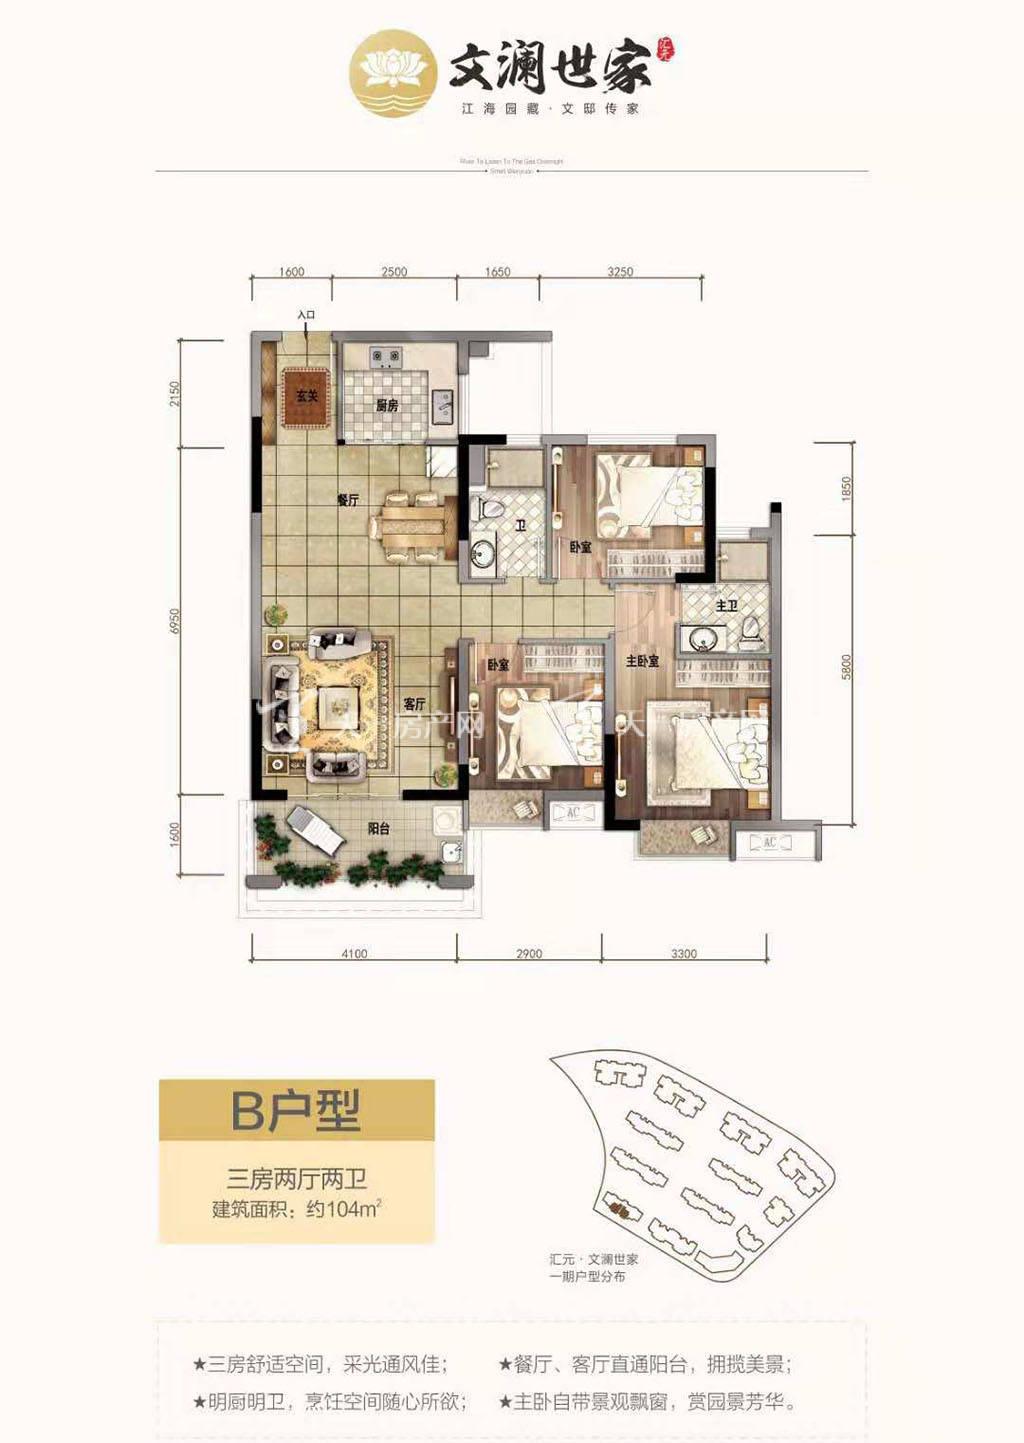 汇元文澜世家B三房两厅 建筑面积104㎡